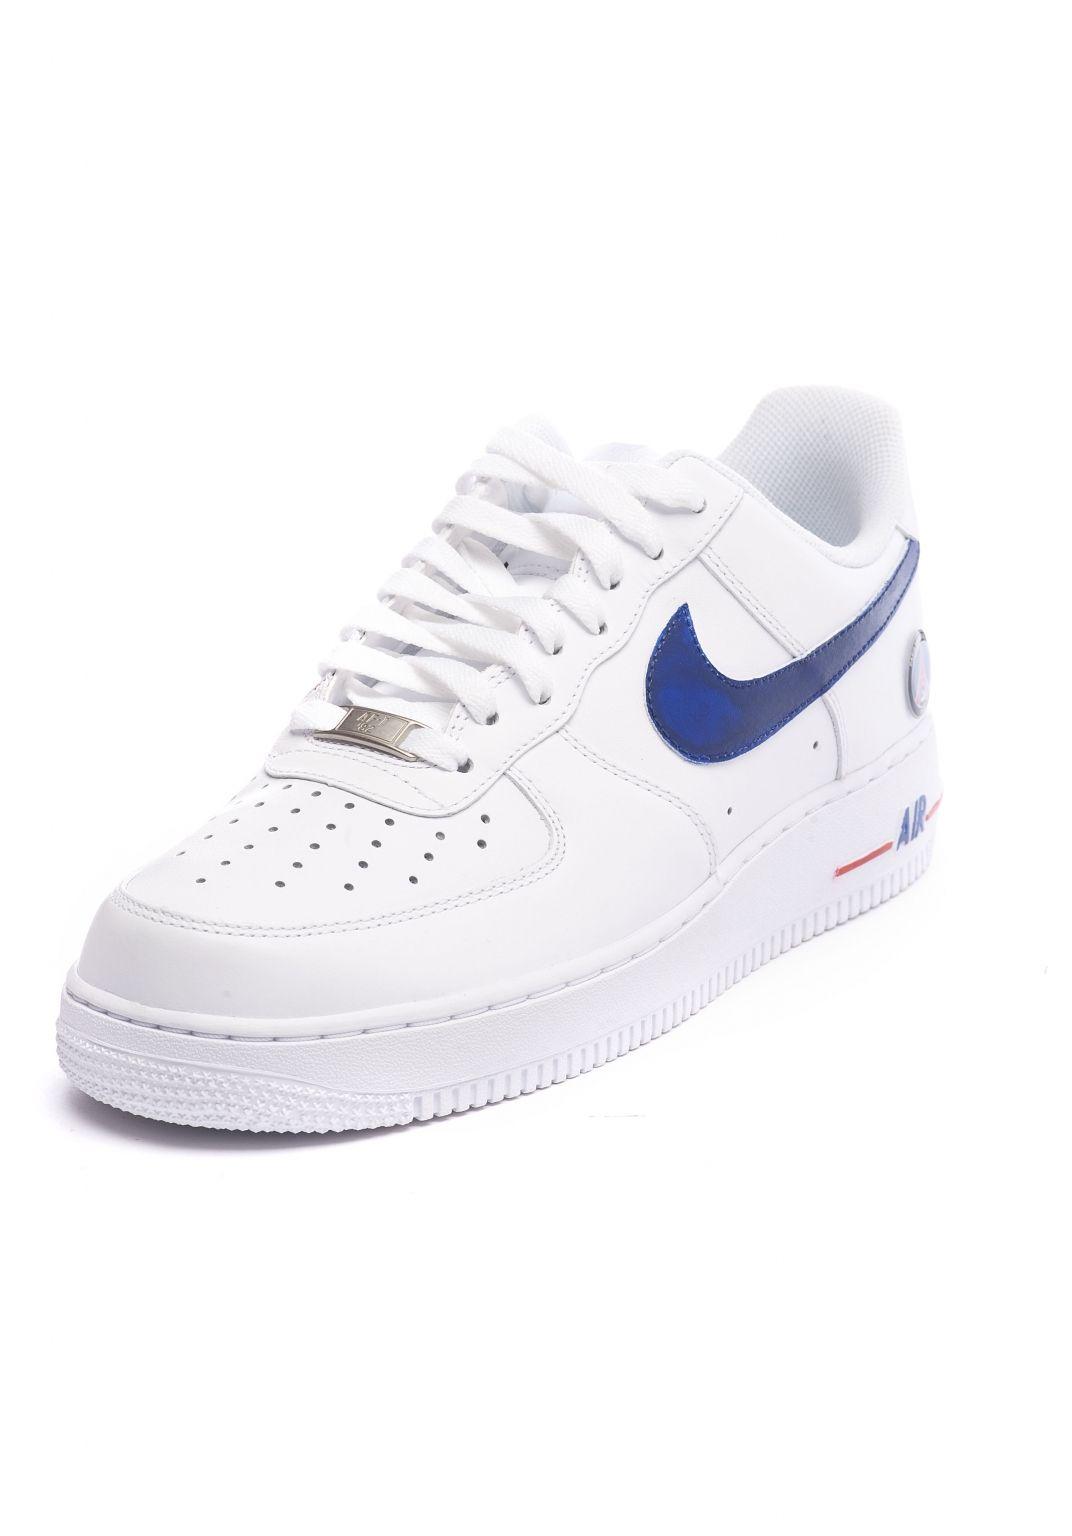 PSG custom   Nike air force sneaker